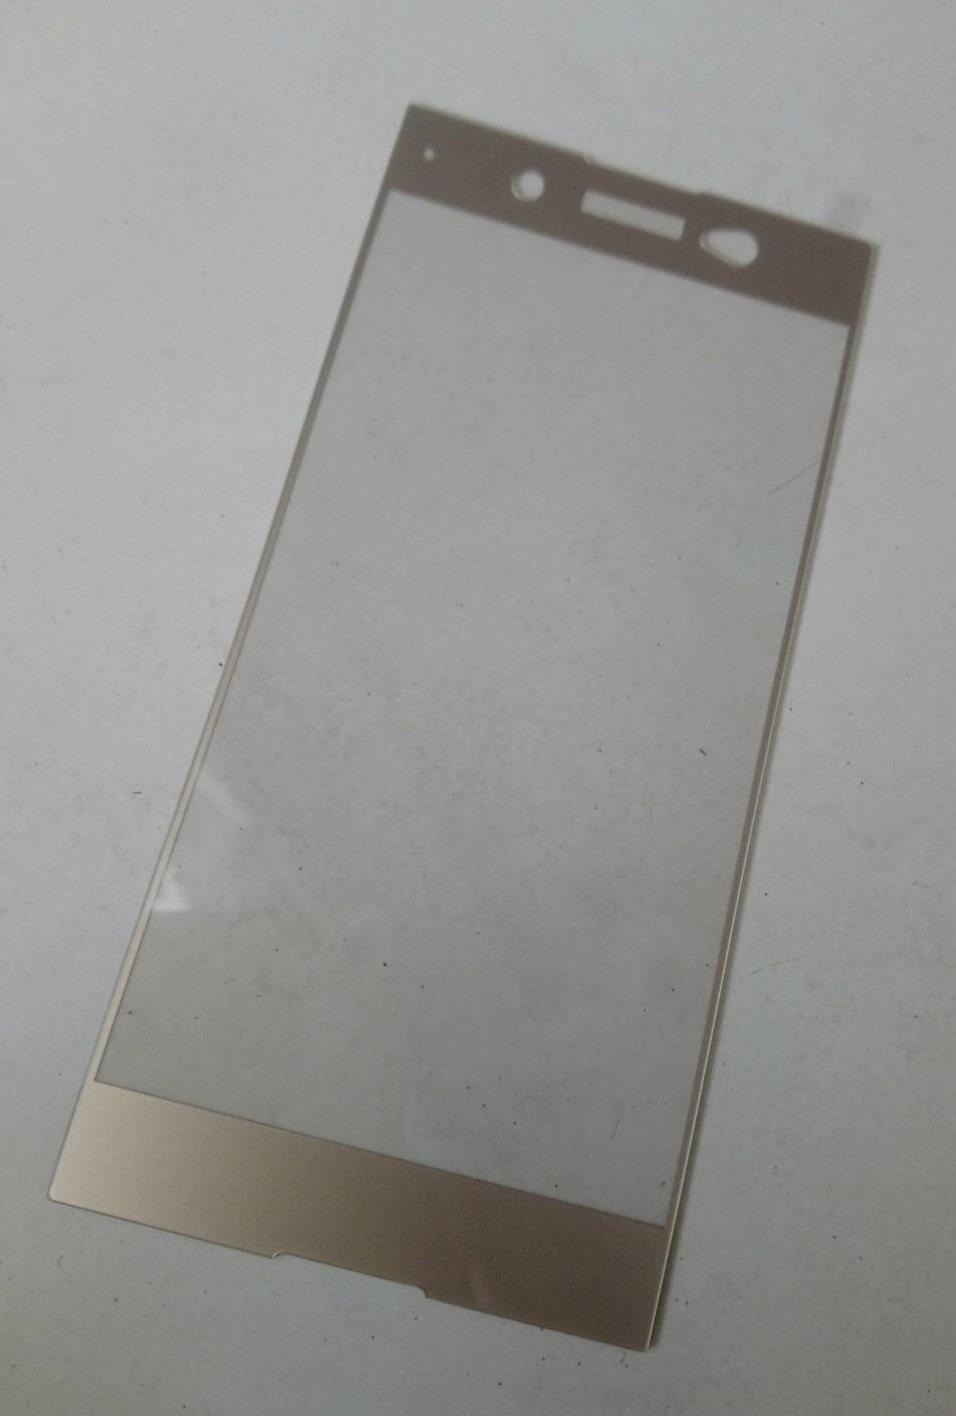 ฟิล์มกระจก Sony xperia XA1 ultra ชนิดเต็มจอ สีทอง